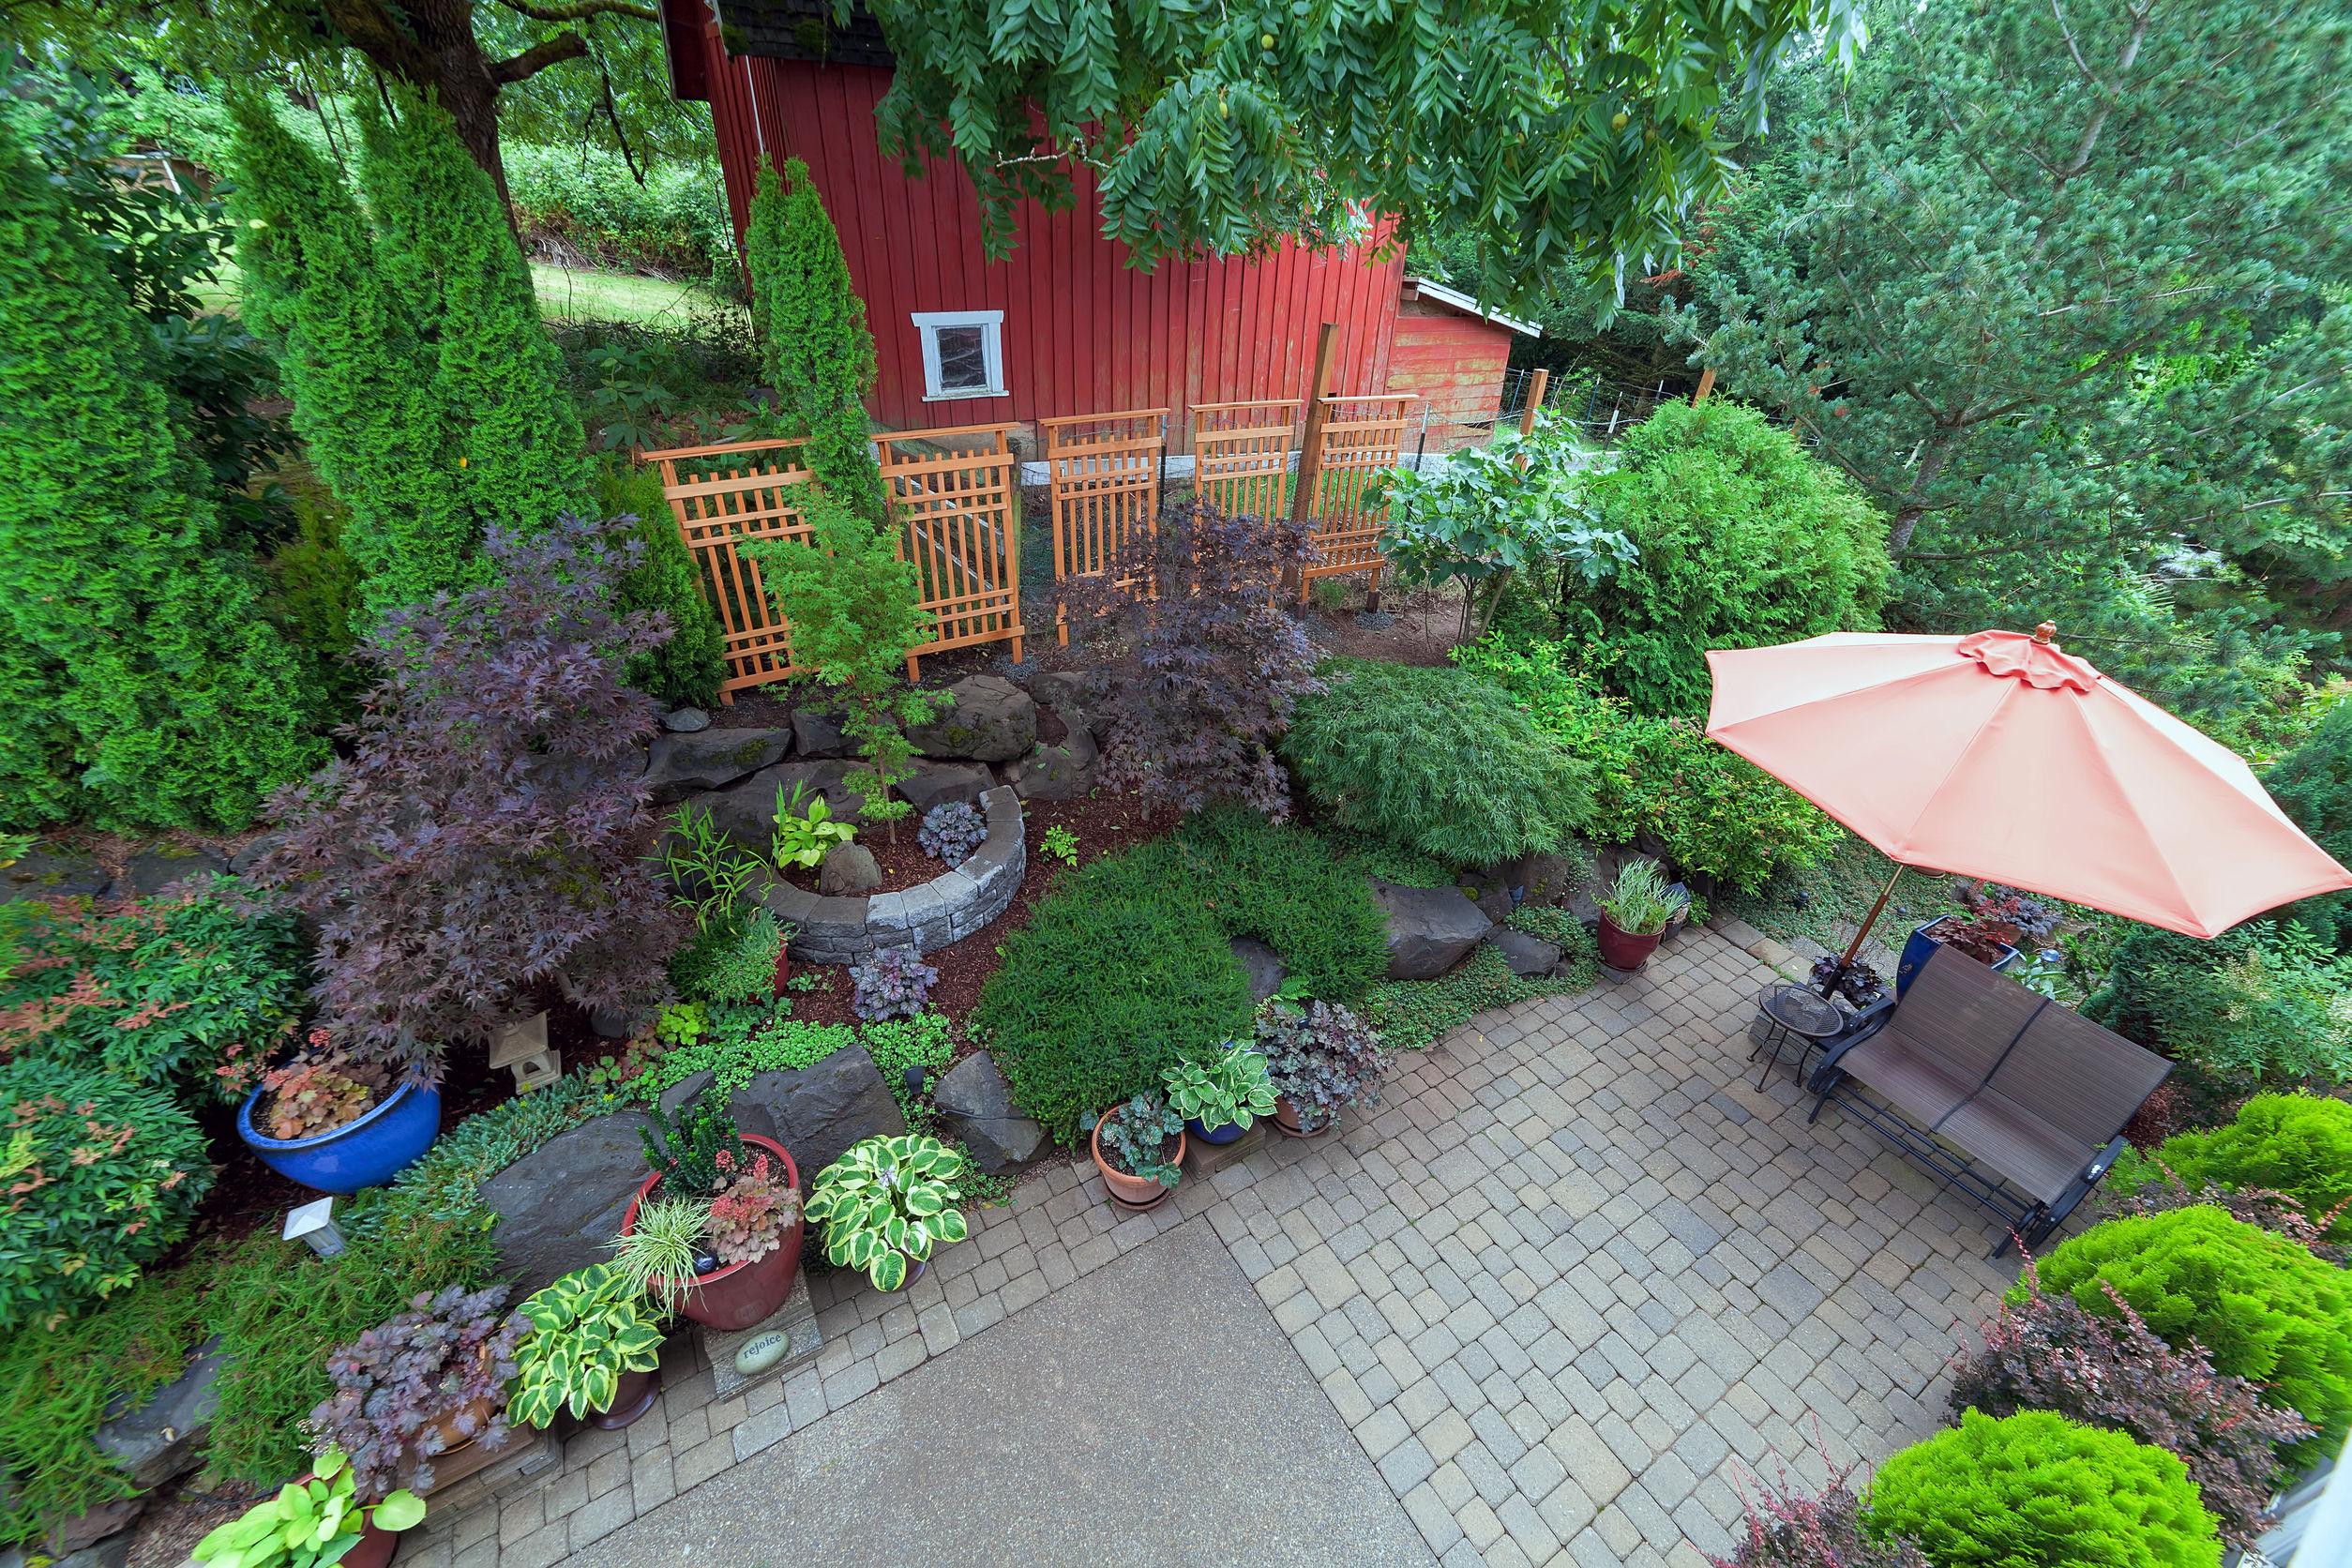 Patio trasero paisajismo jardín con mobiliario estanque árboles pavimentadas con ladrillos de adoquines del patio plantas en macetas arbustos y rocas granero rojo